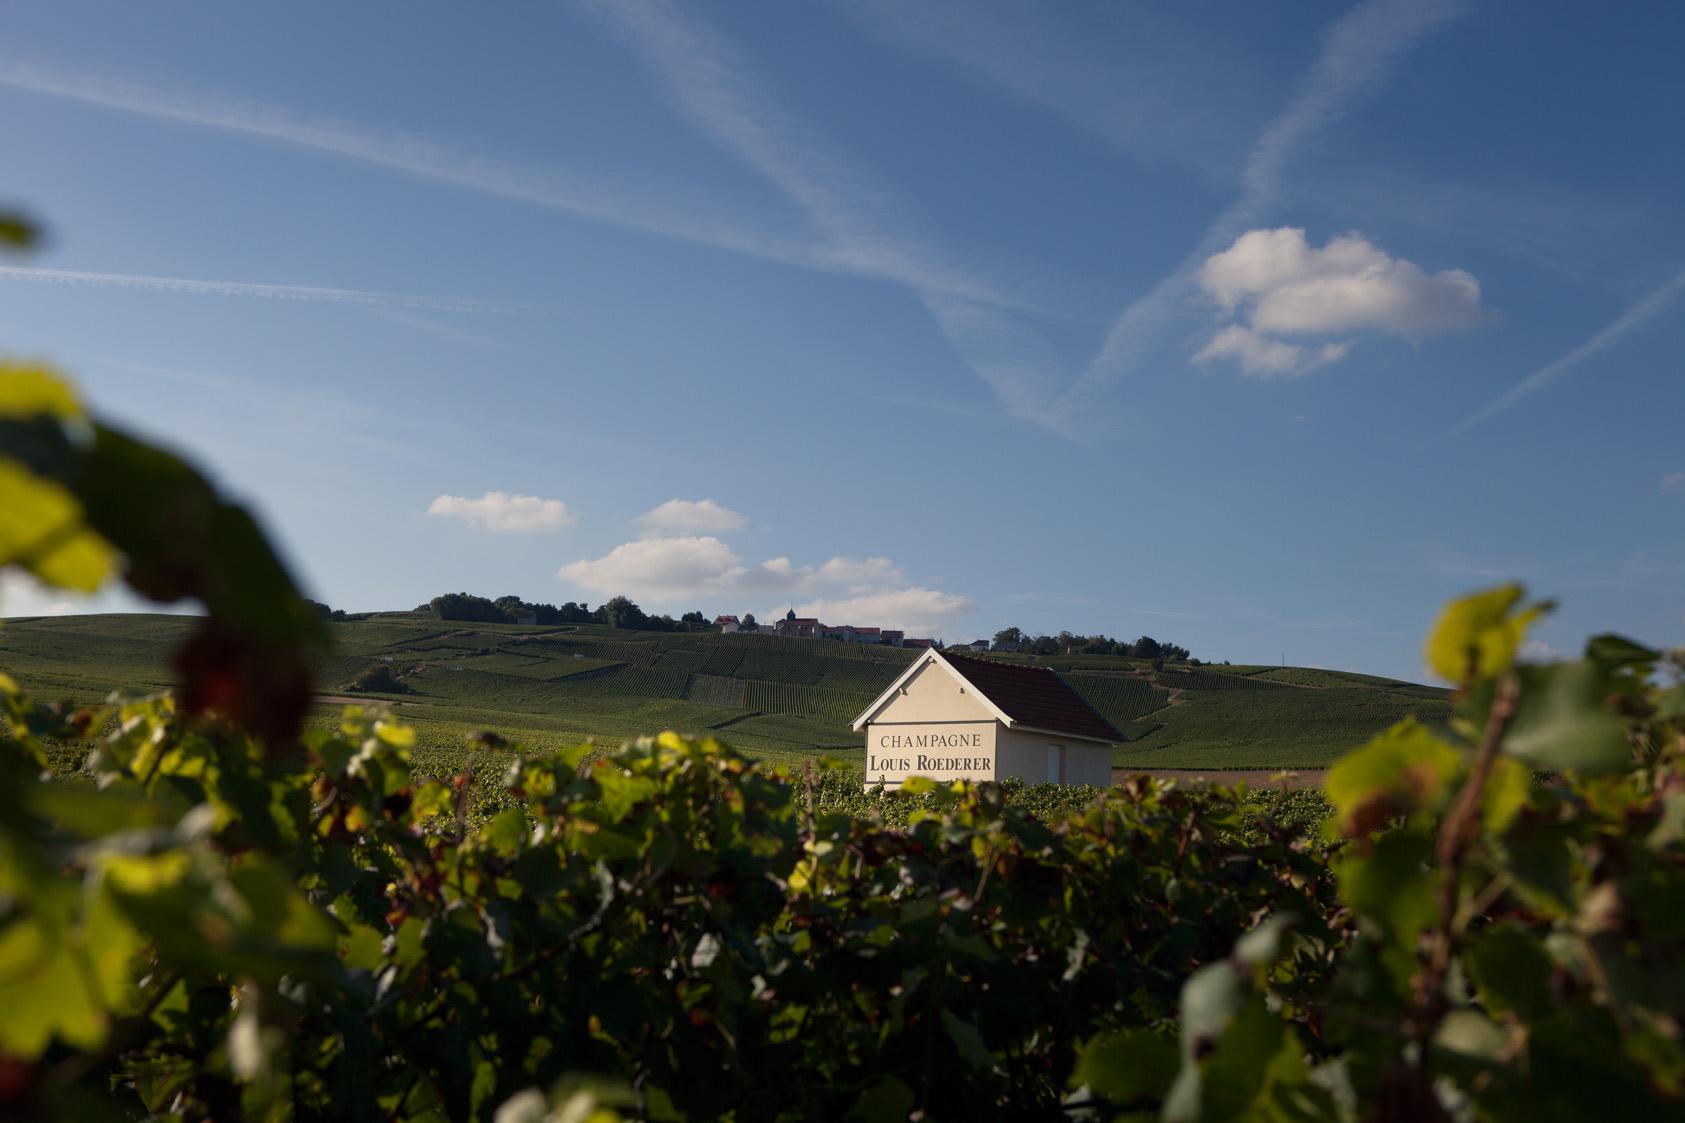 ルイ・ロデレール社は大手シャンパーニュ・メゾンとしては珍しい242haもの自社畑を所有している。